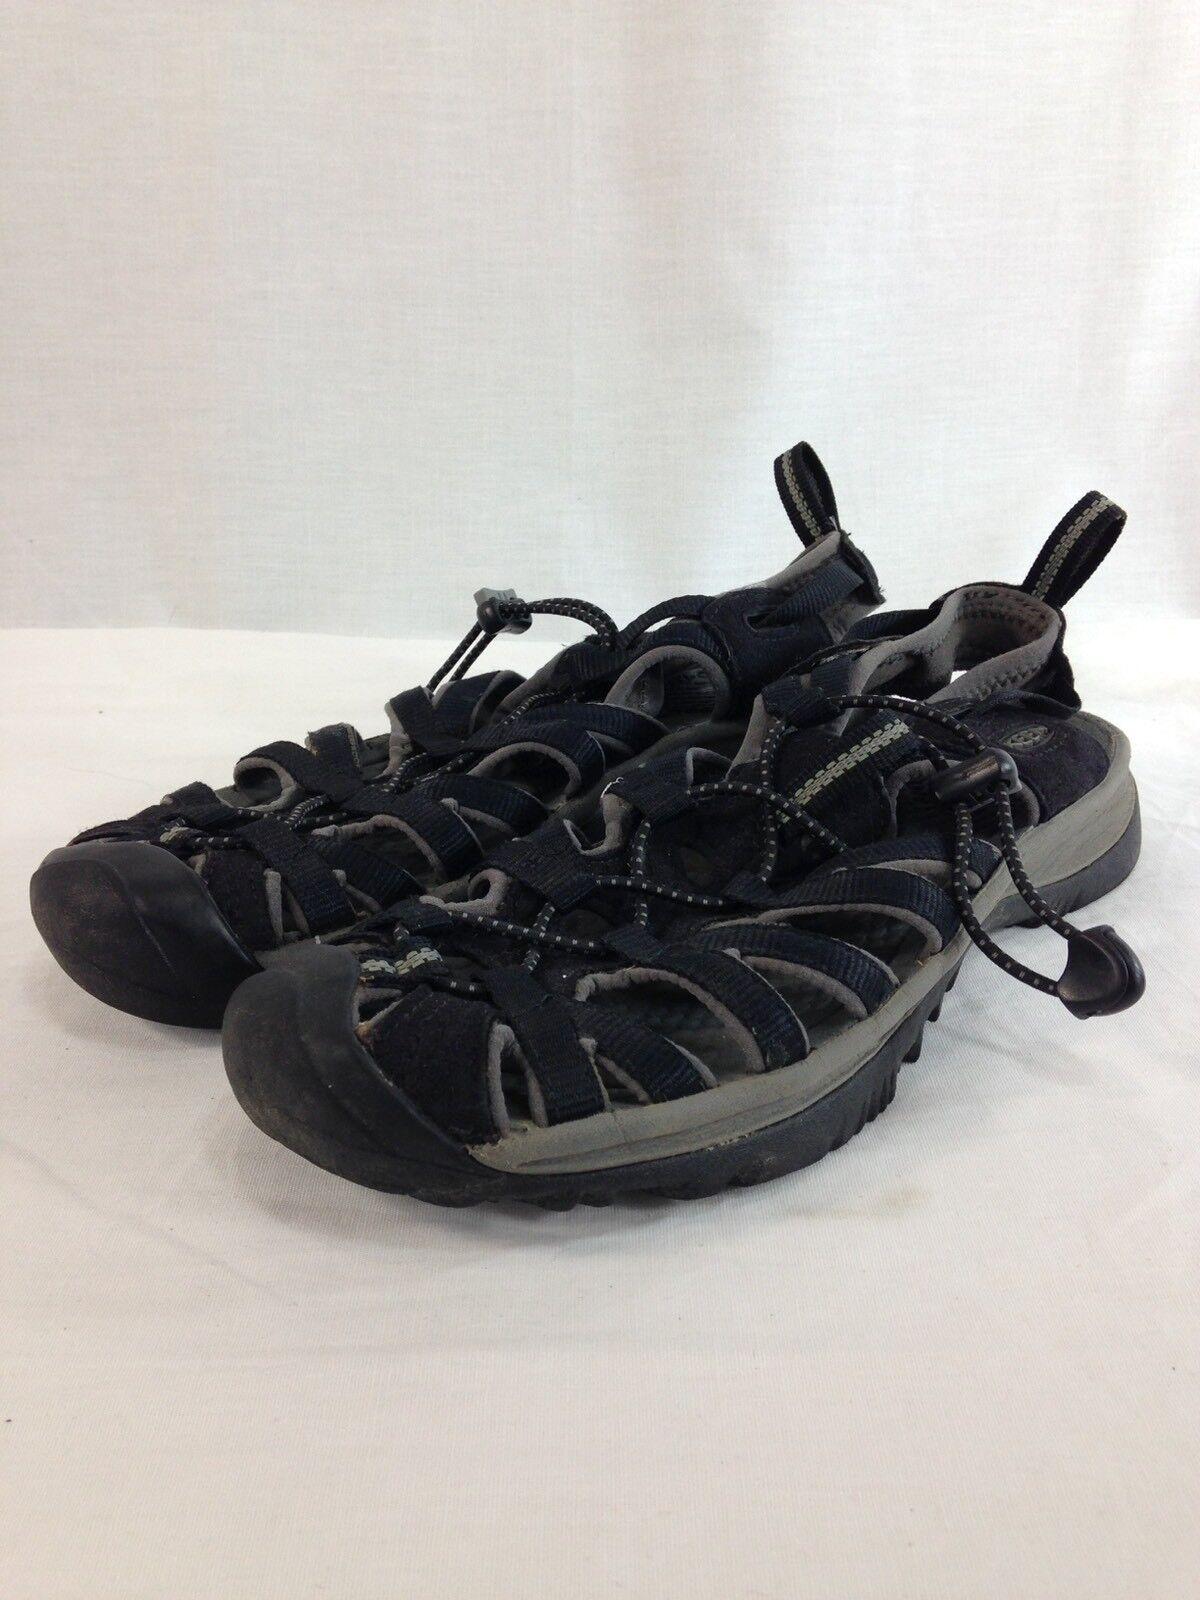 Keen Newport Sport Sandals scarpe donna 8 8 8 nero Hiking Trail Drawstring b5328b